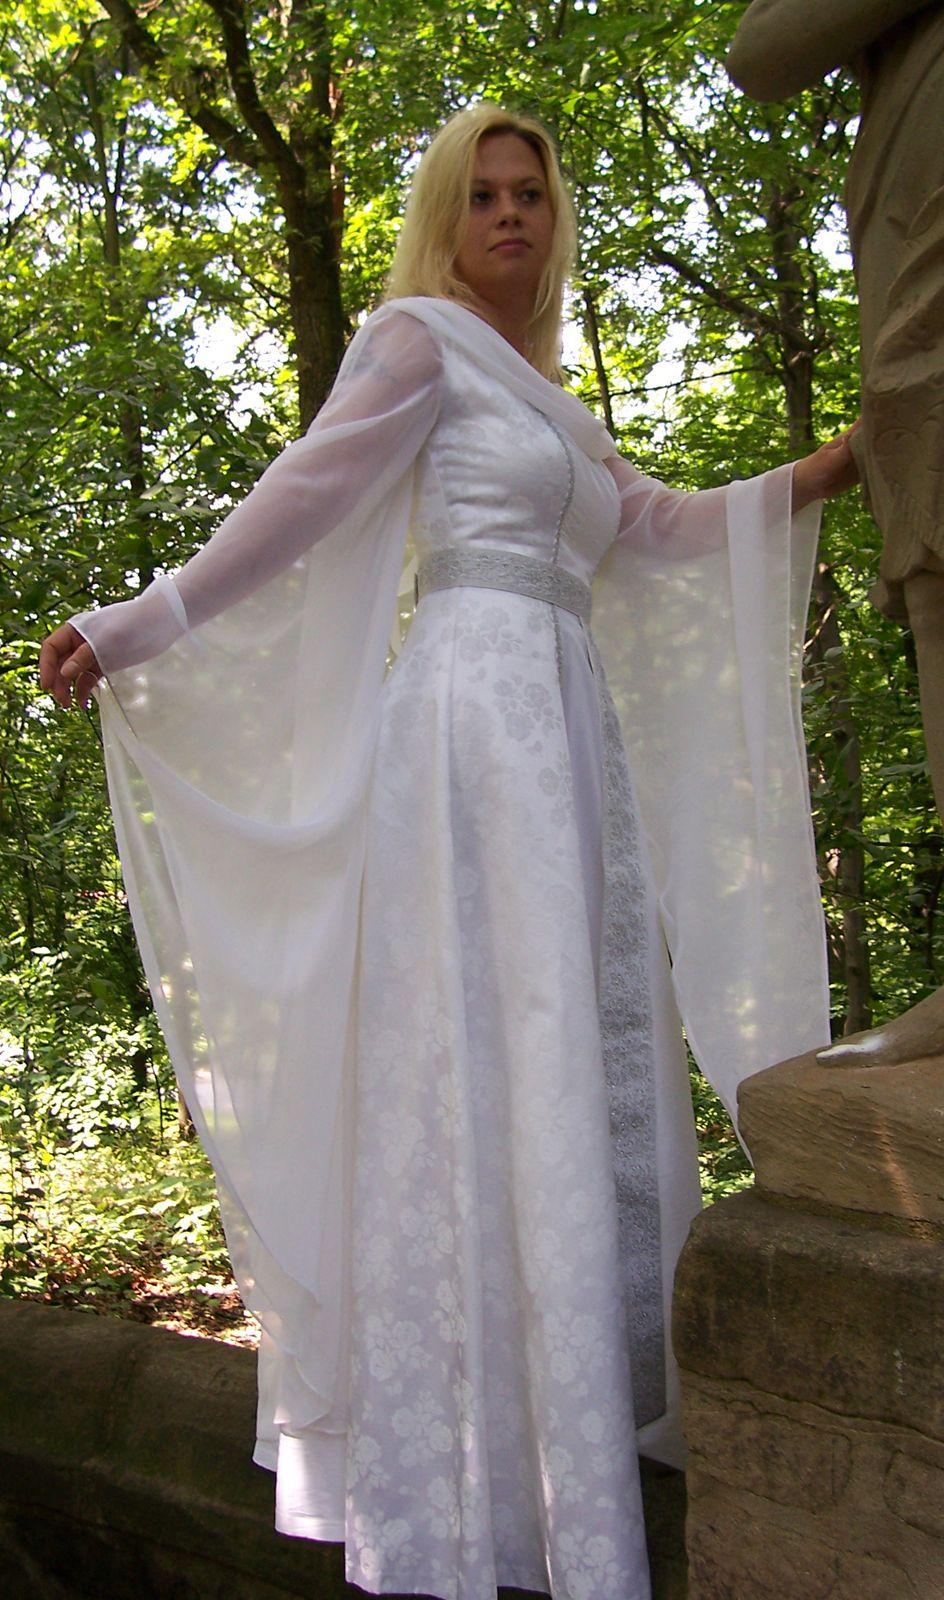 Hochzeitskleid Mittelalter | Mittelalter Hochzeitskleid | Pinterest ...